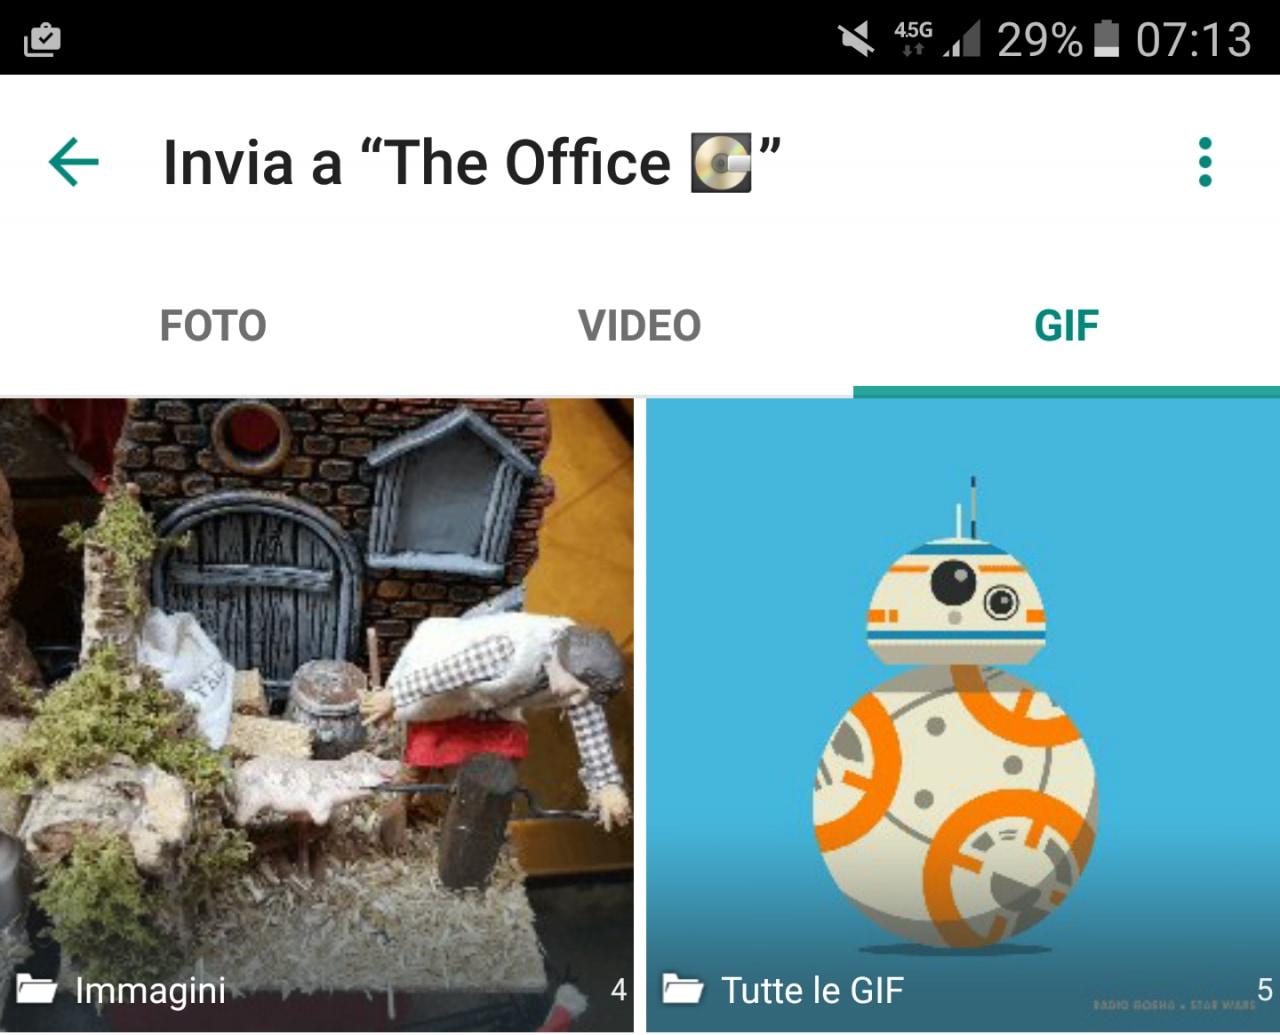 WhatsApp beta supporta le GIF e WhatsApp stabile aggiunge scritte ed emoji su foto e video